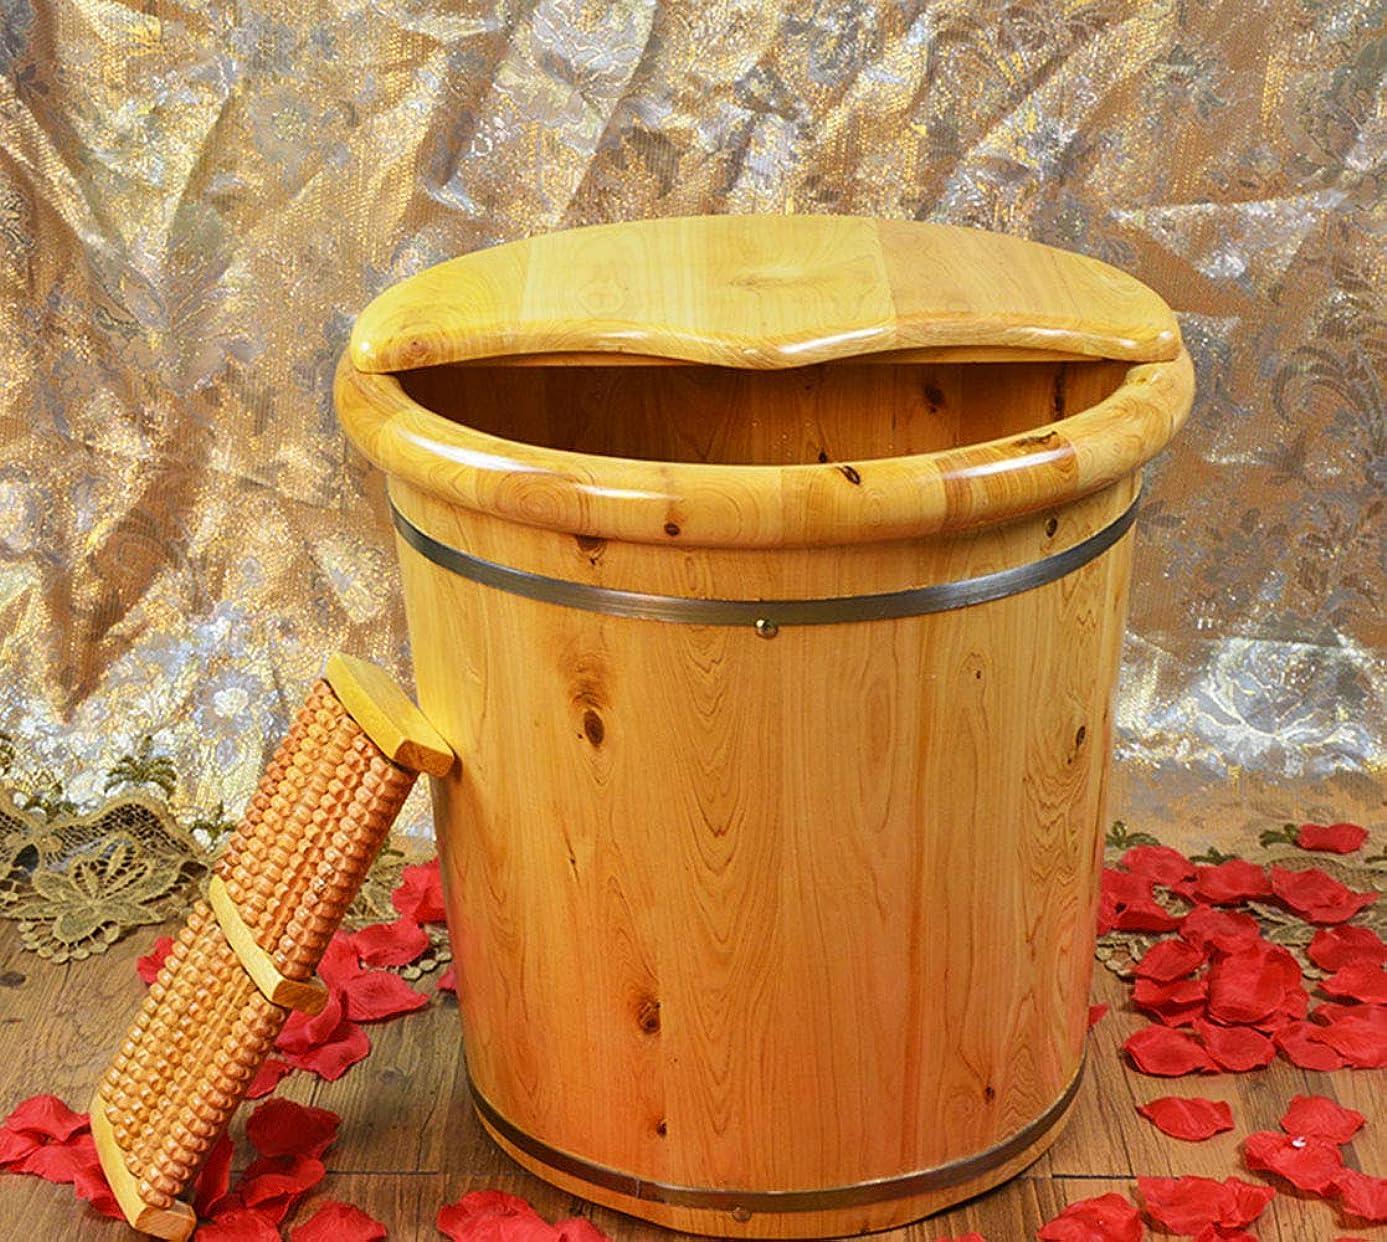 ぞっとするような同じ振りかける足浴桶 足の浴槽、木製の足の盆地足のバレルの足の足のマッサージの足の盆カバーの足の桶